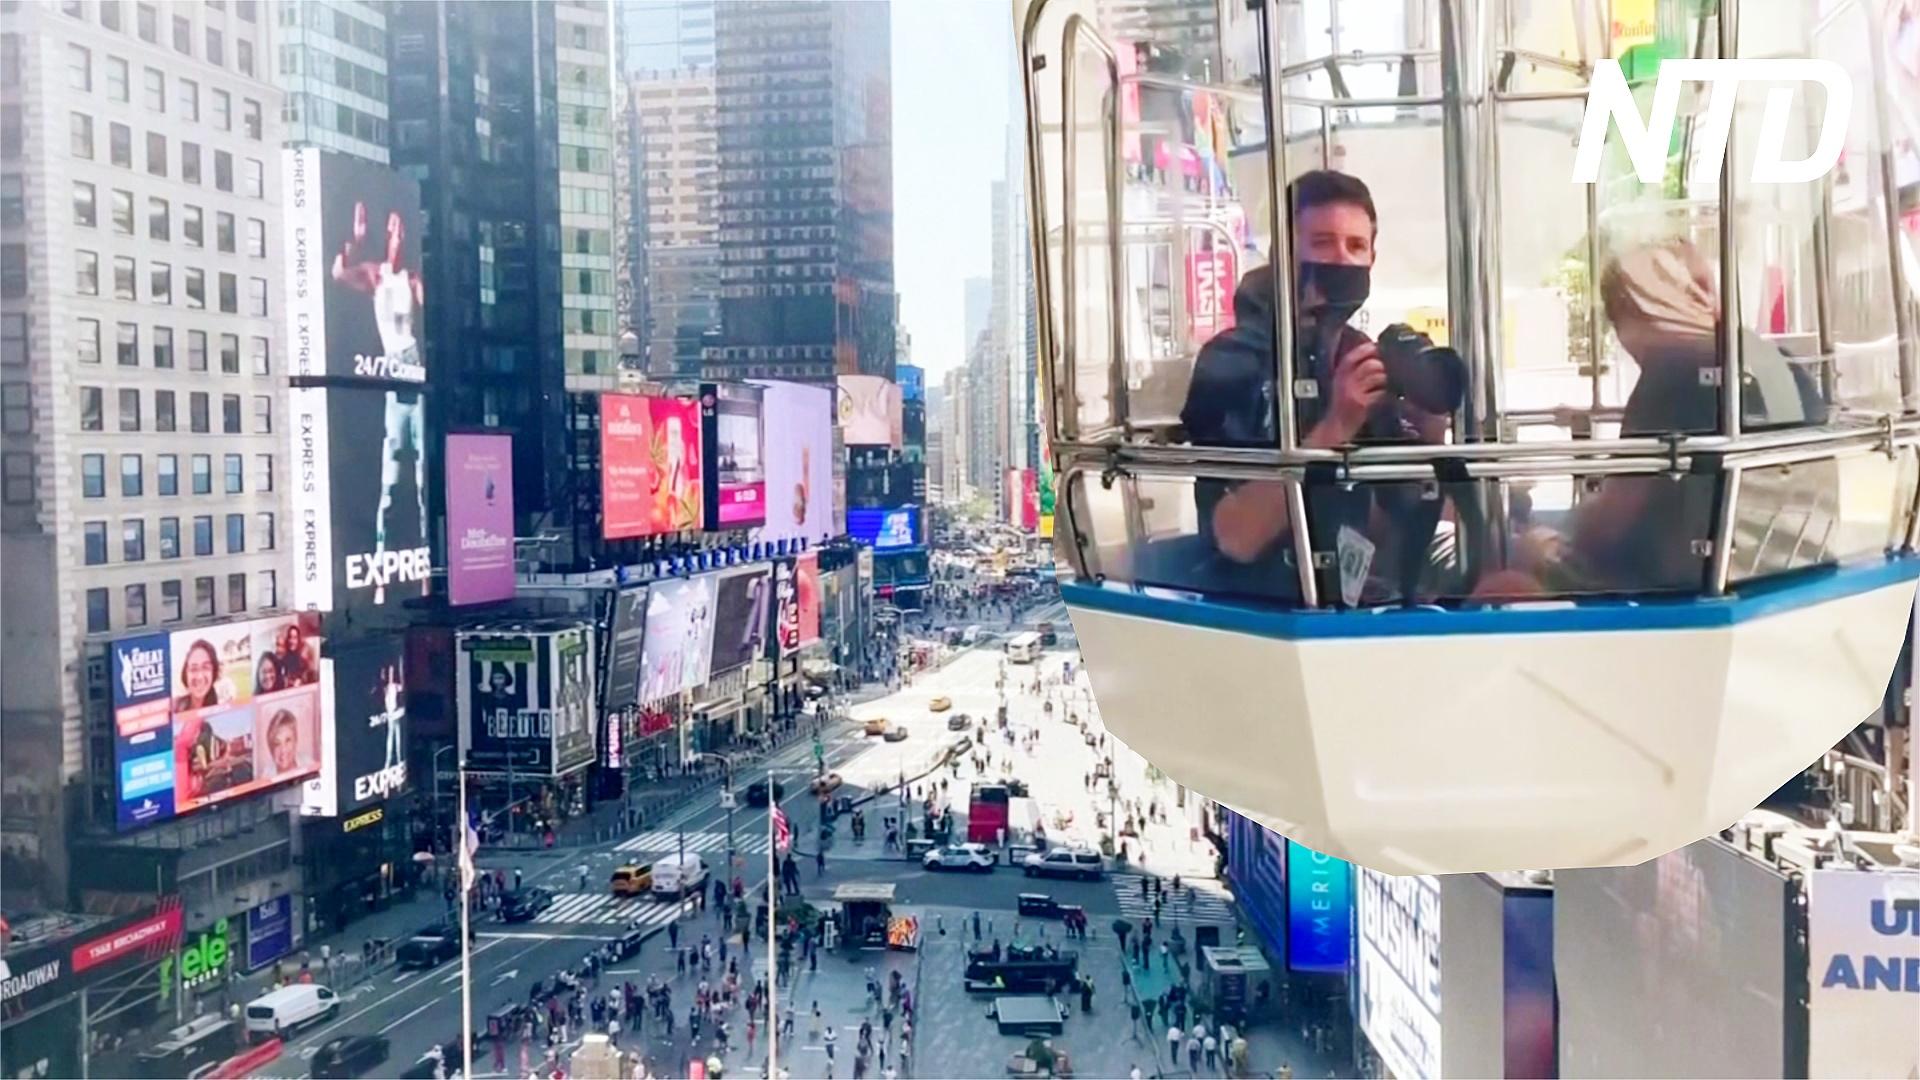 На Таймс-сквер впервые появилось колесо обозрения